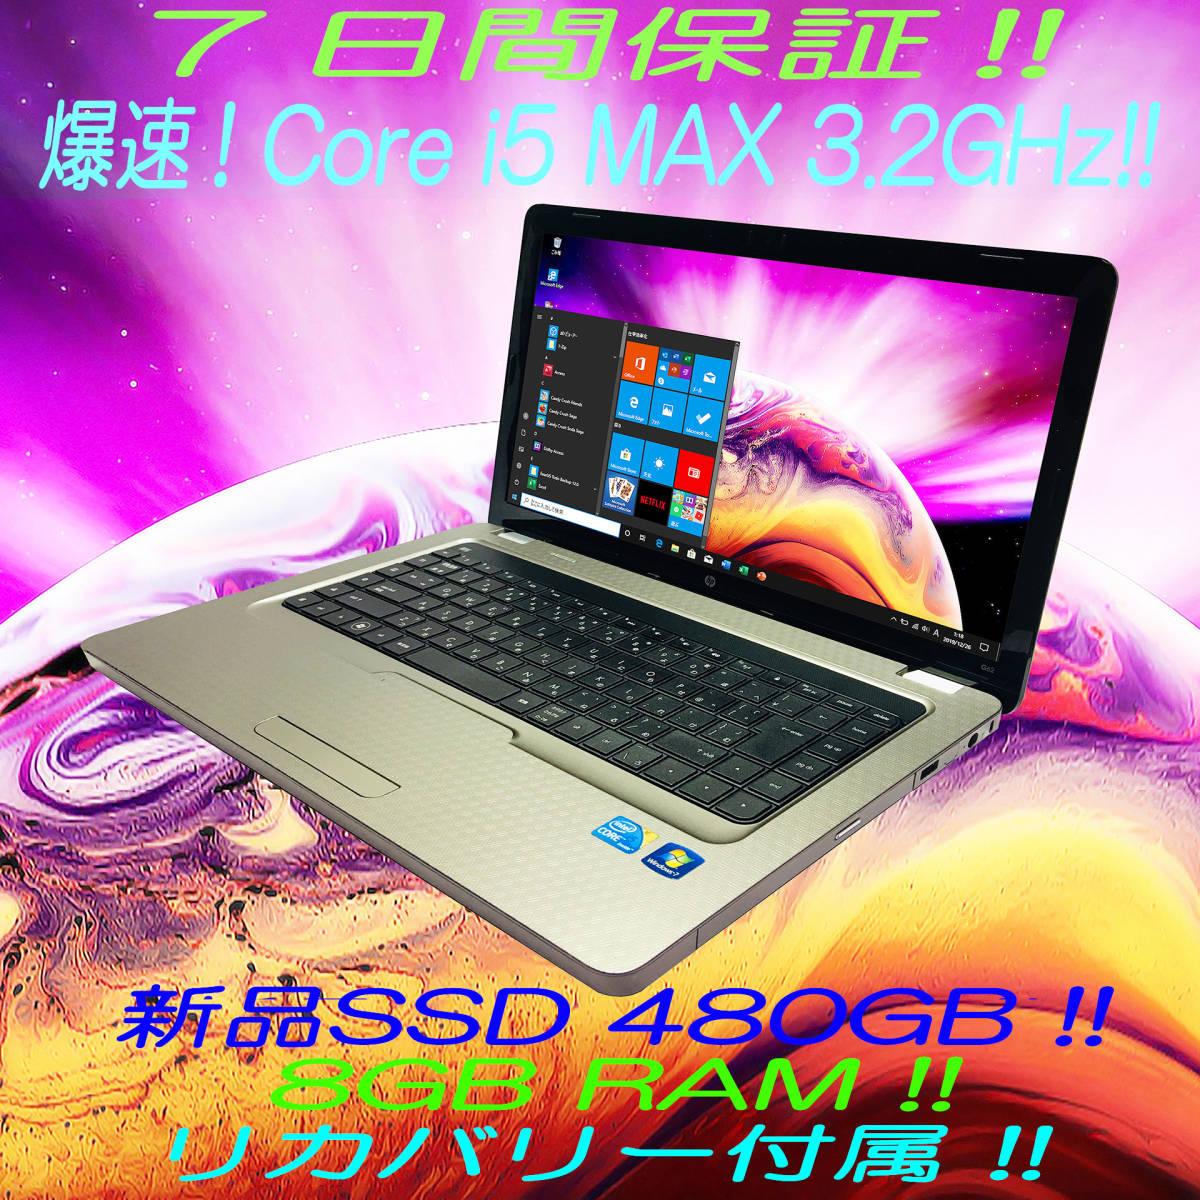 ★爆速★Core i5★新品SSD480GB/新品メモリ8GB/新品バッテリー/Webカメラ/Wi-Fi/Win10/Of